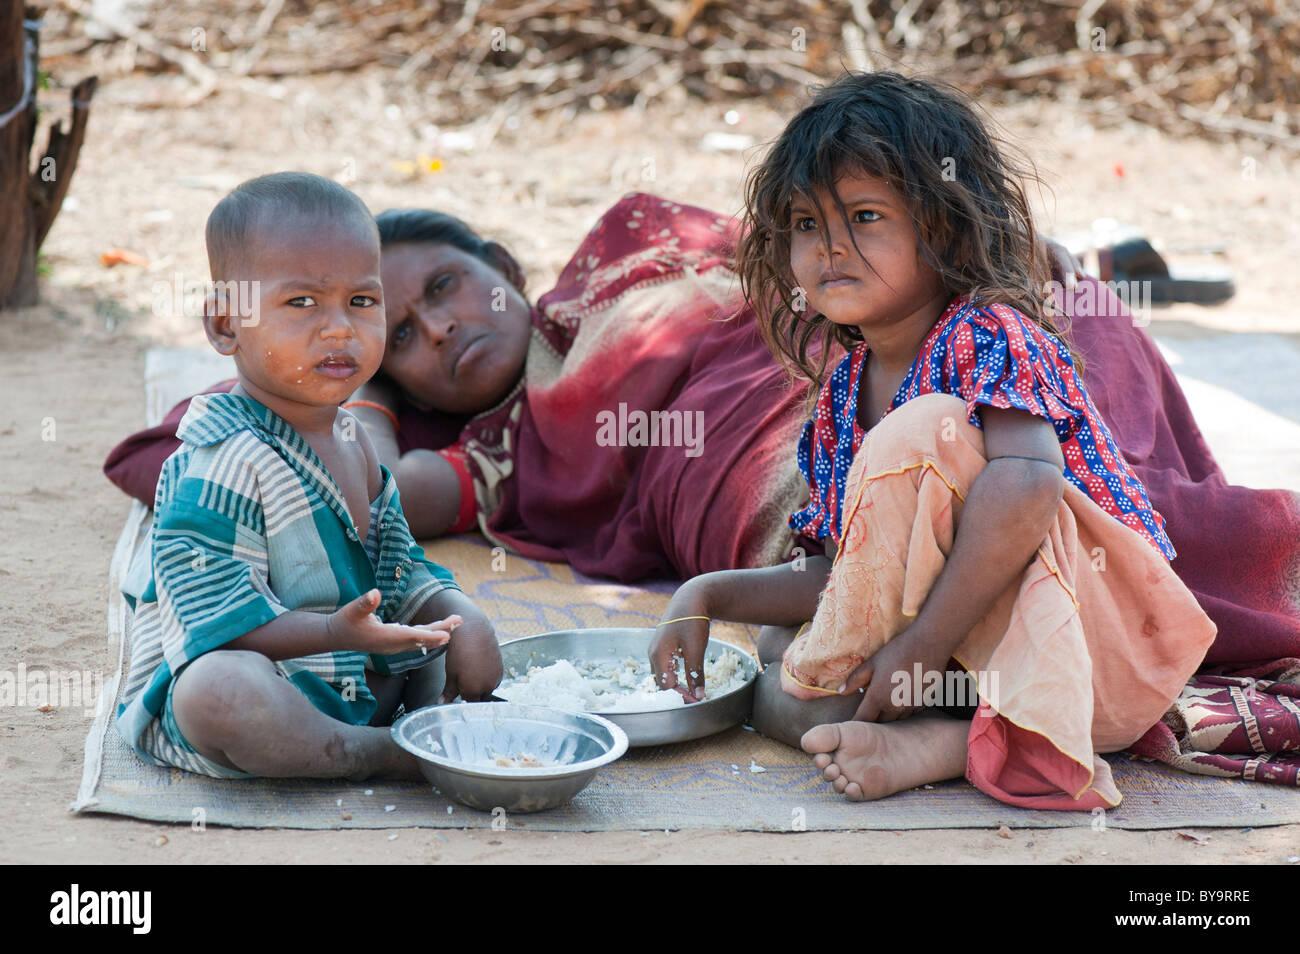 kids poor